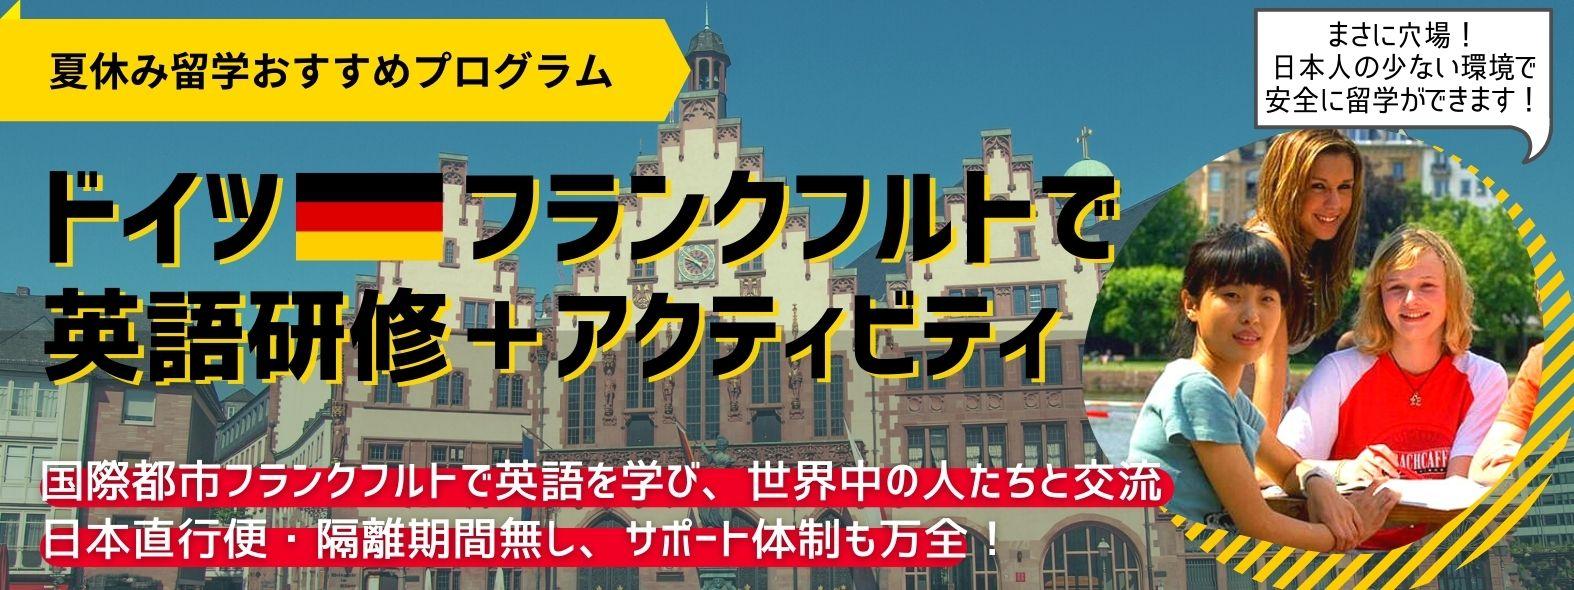 【夏休み留学】ドイツ・フランクフルトで英語研修+アクティビティ